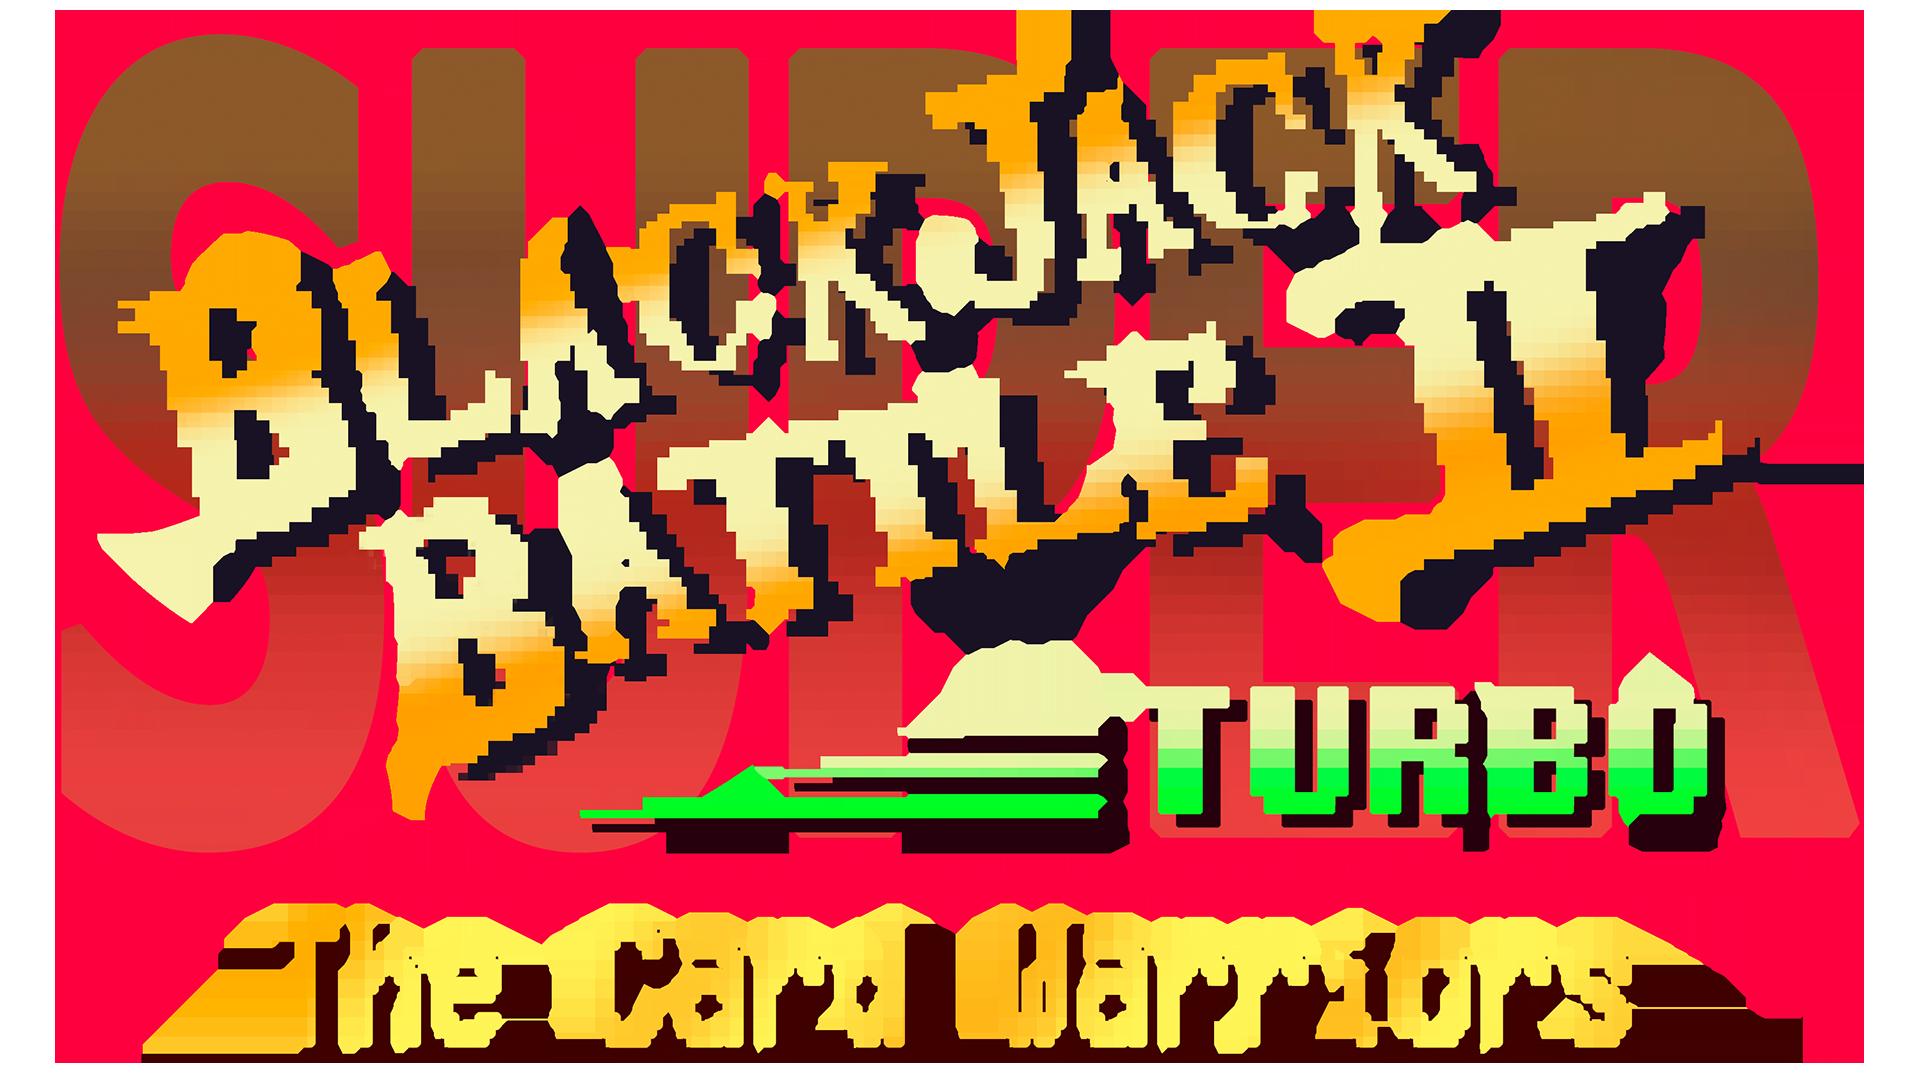 Alle Stages von Super Blackjack Battle II Turbo Edition enthüllt